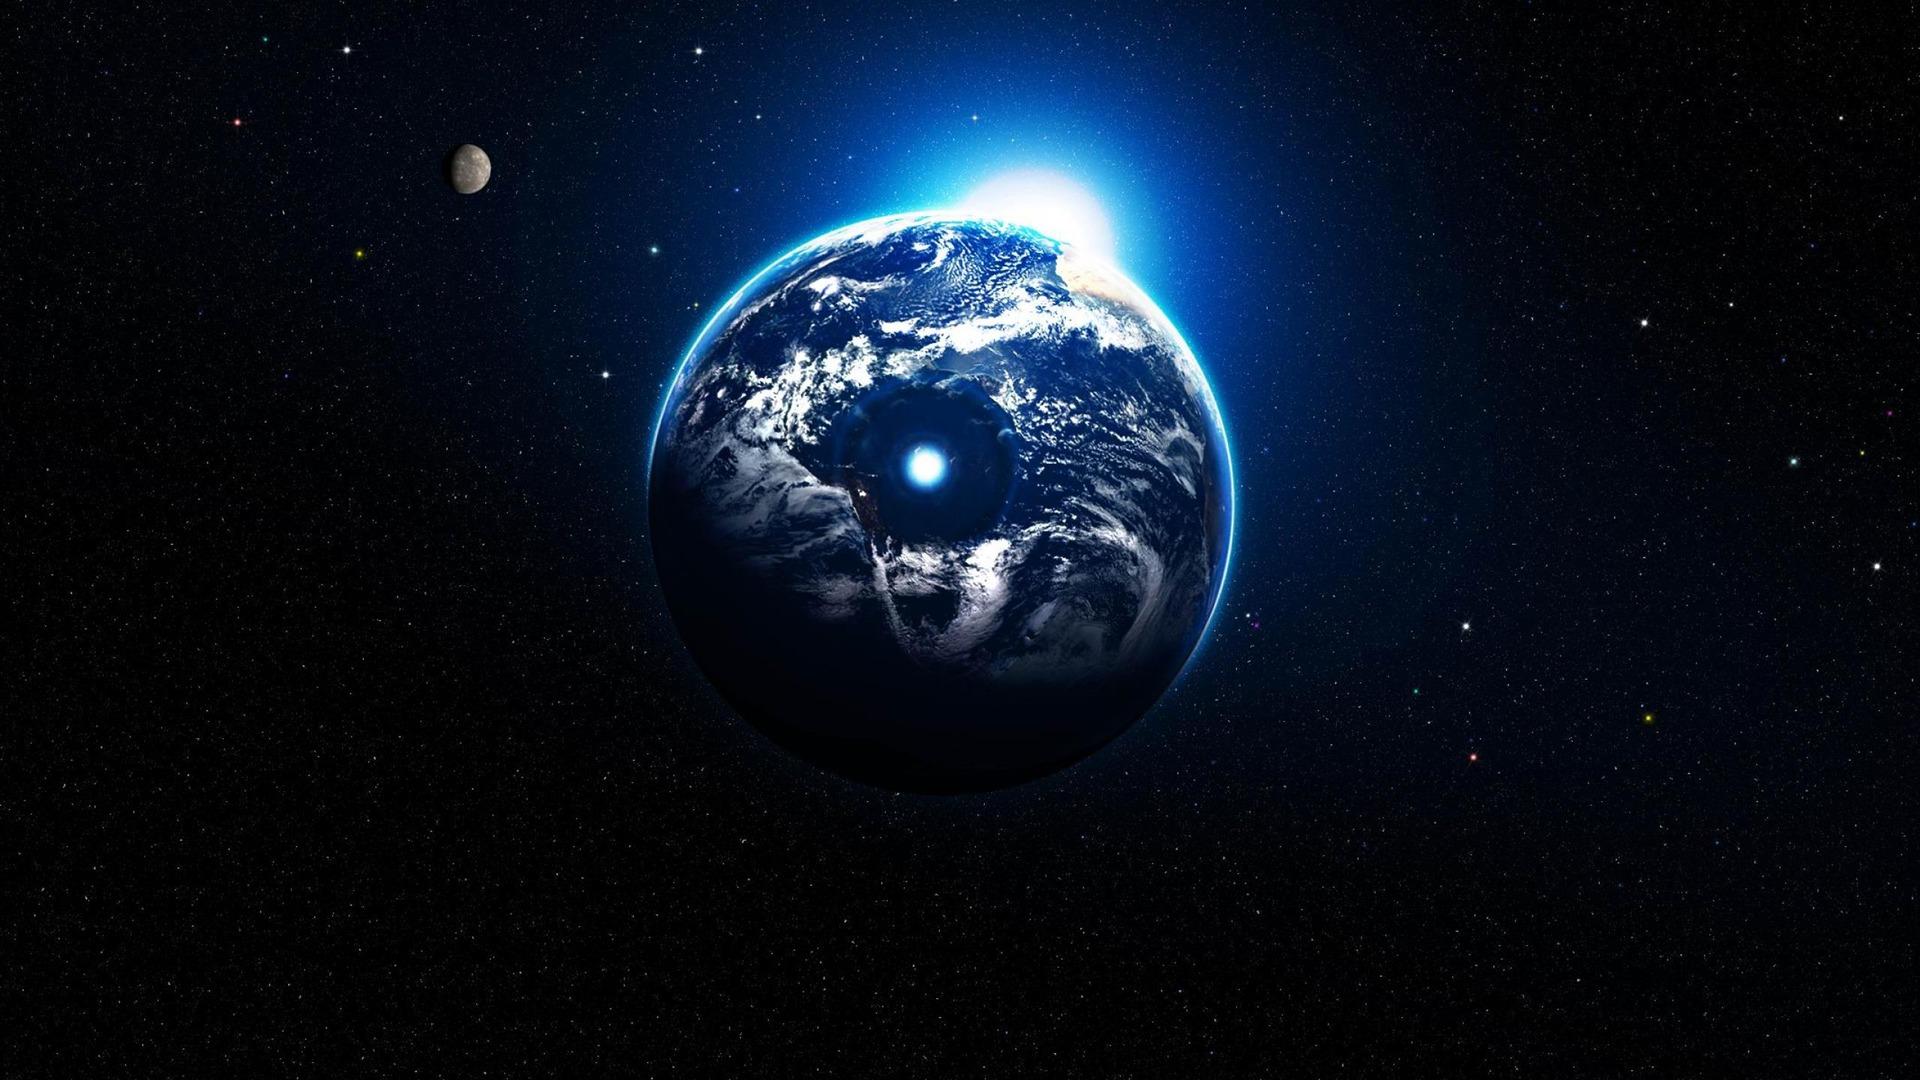 La lumi re l 39 espace plan te hd fonds d 39 cran paysage for Paysage espace